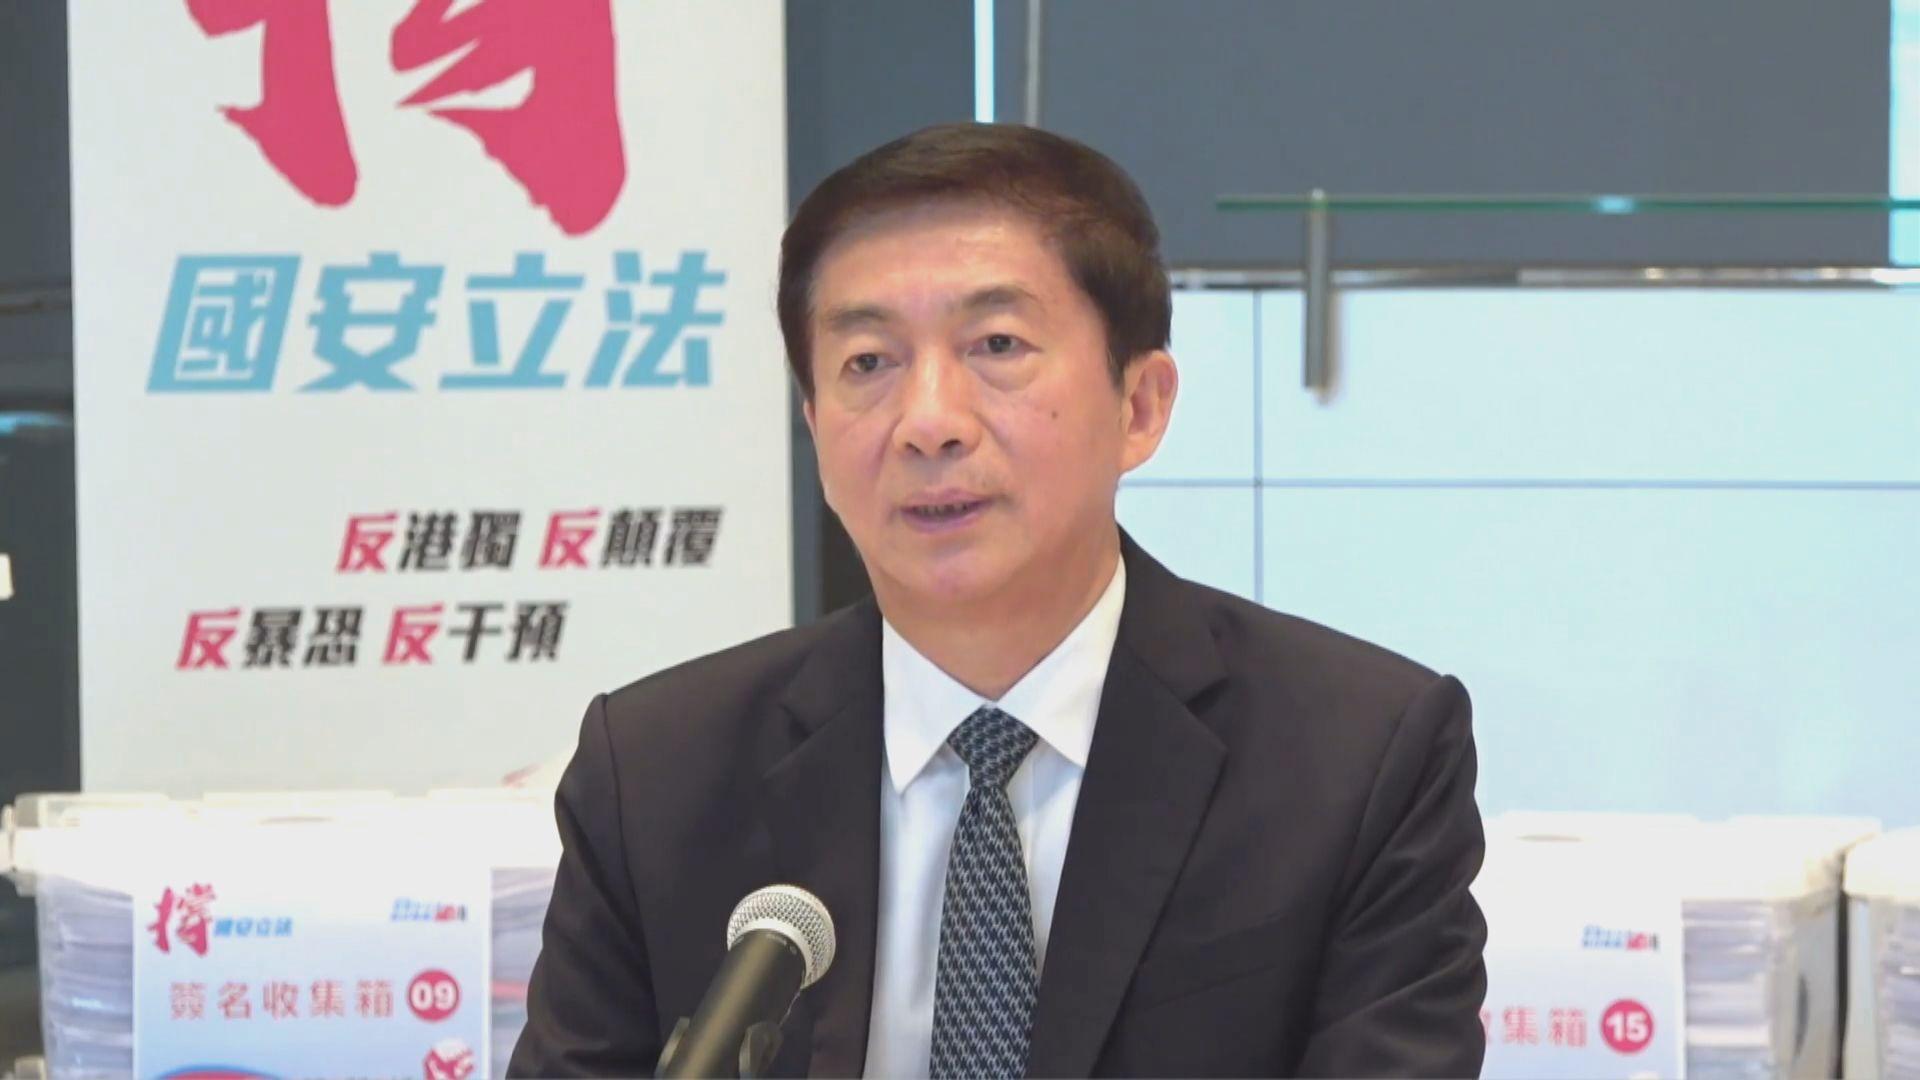 駱惠寧:港區國安立法後港人失言論集會自由是聳人聽聞